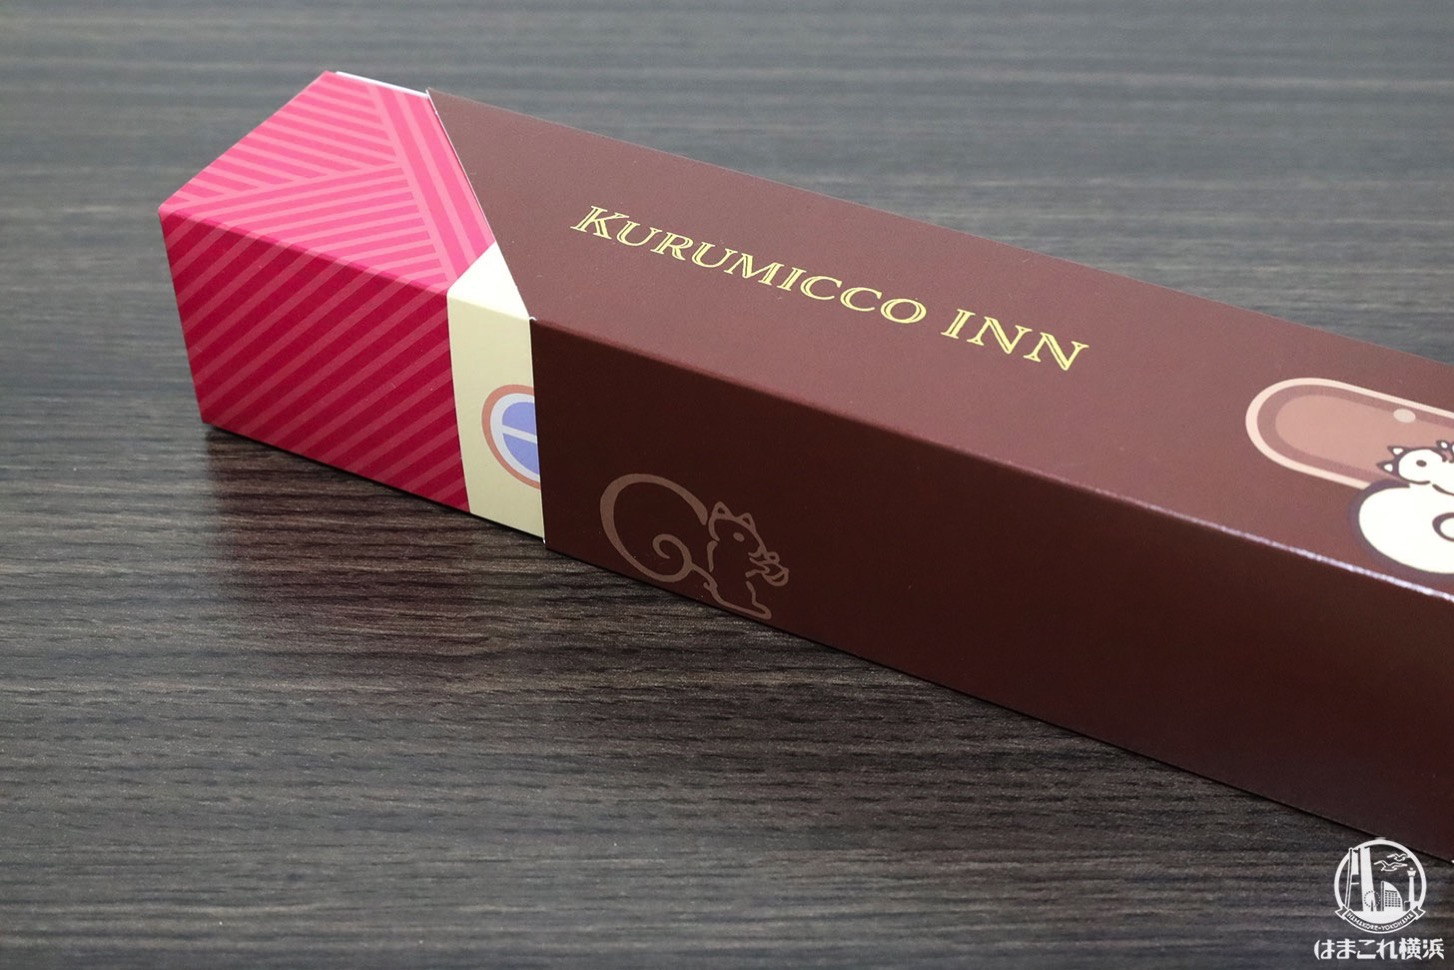 クルミッ子INN スライド式の箱デザイン1